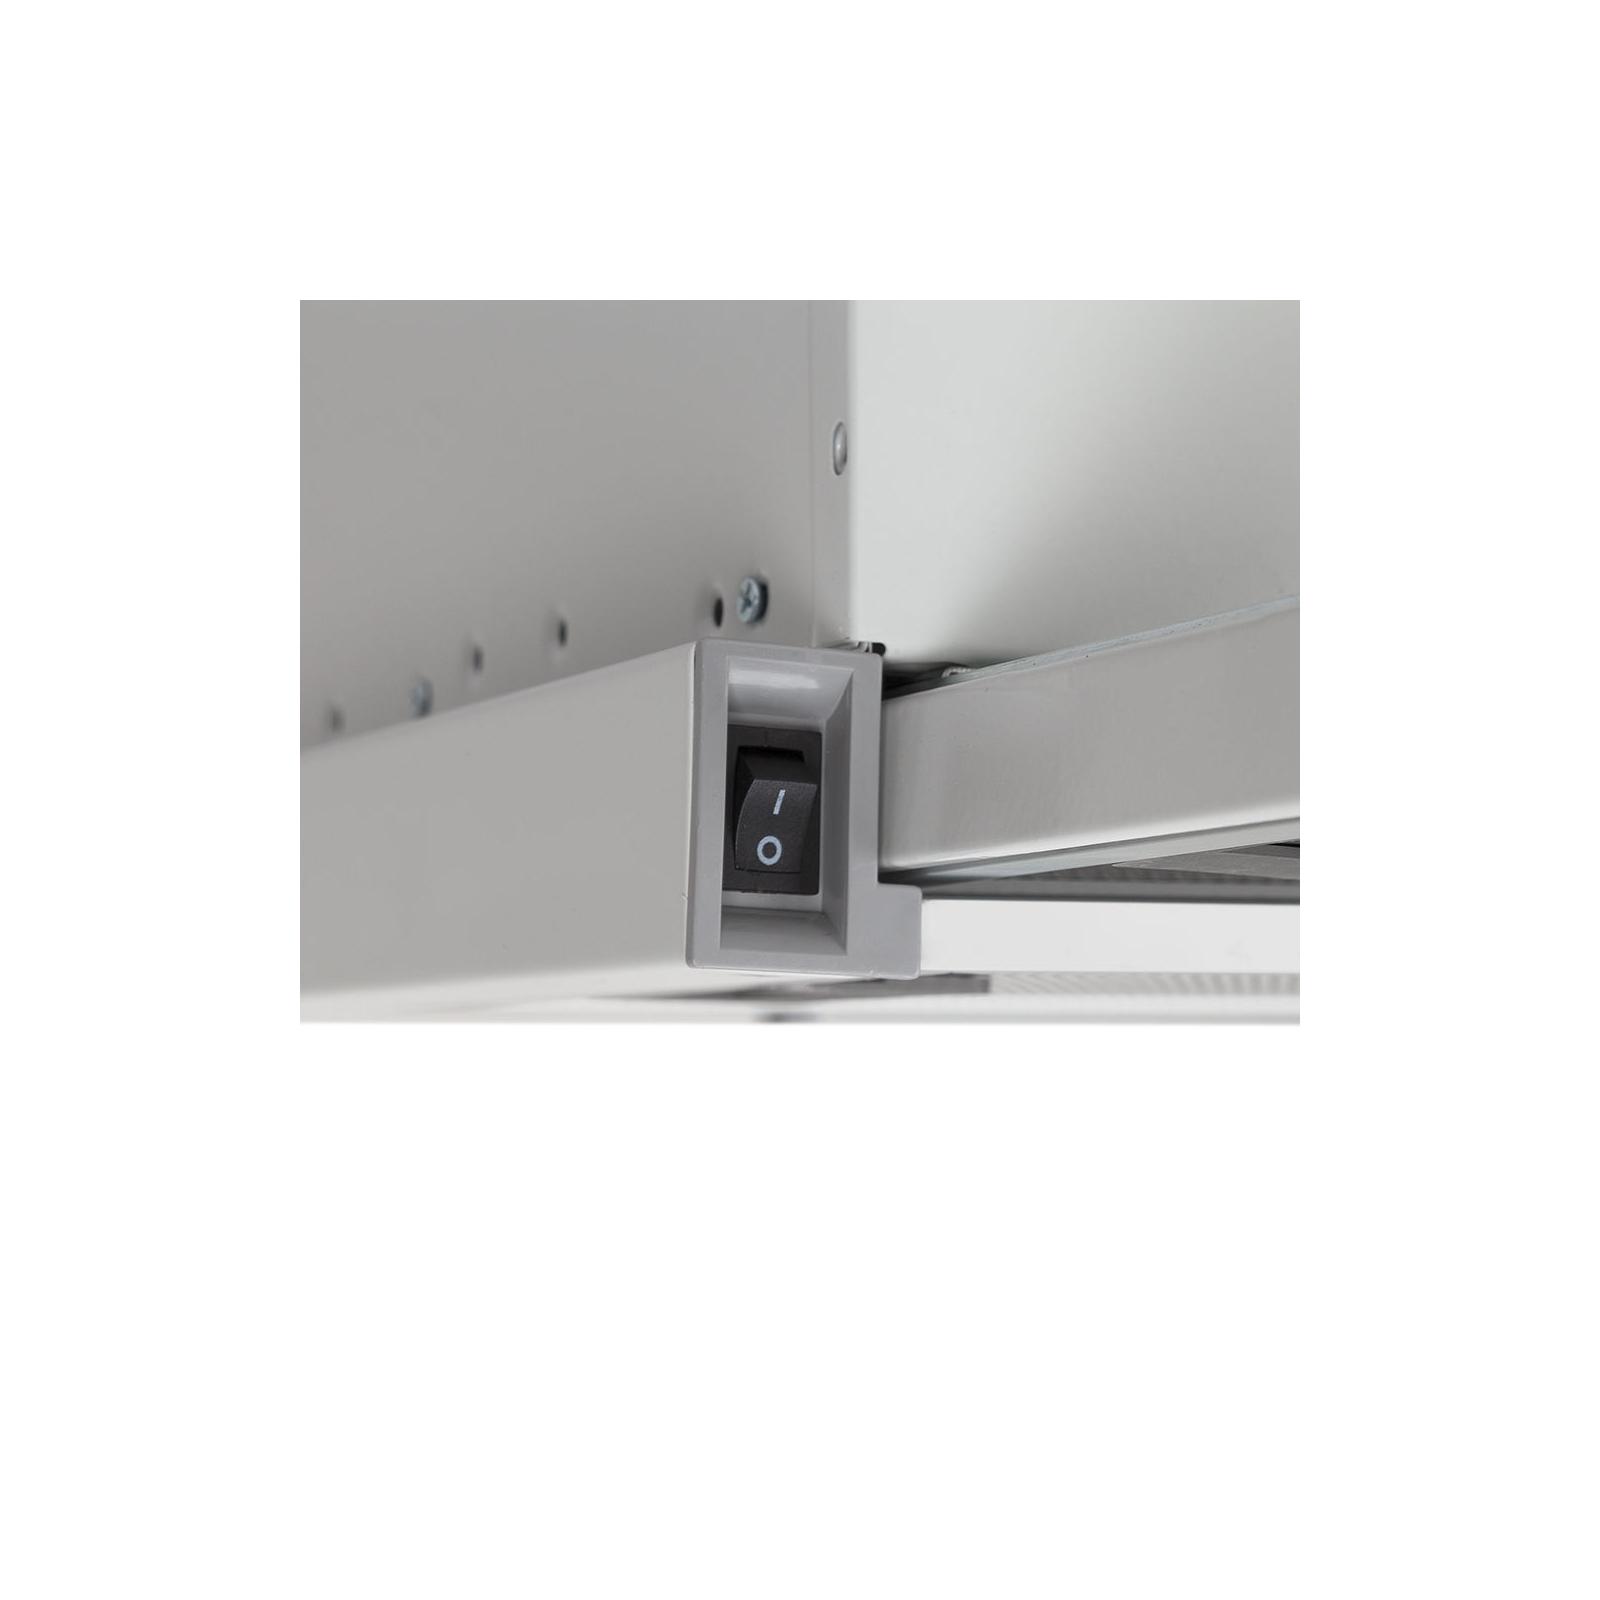 Вытяжка кухонная PYRAMIDA R-TL 60 GR изображение 5